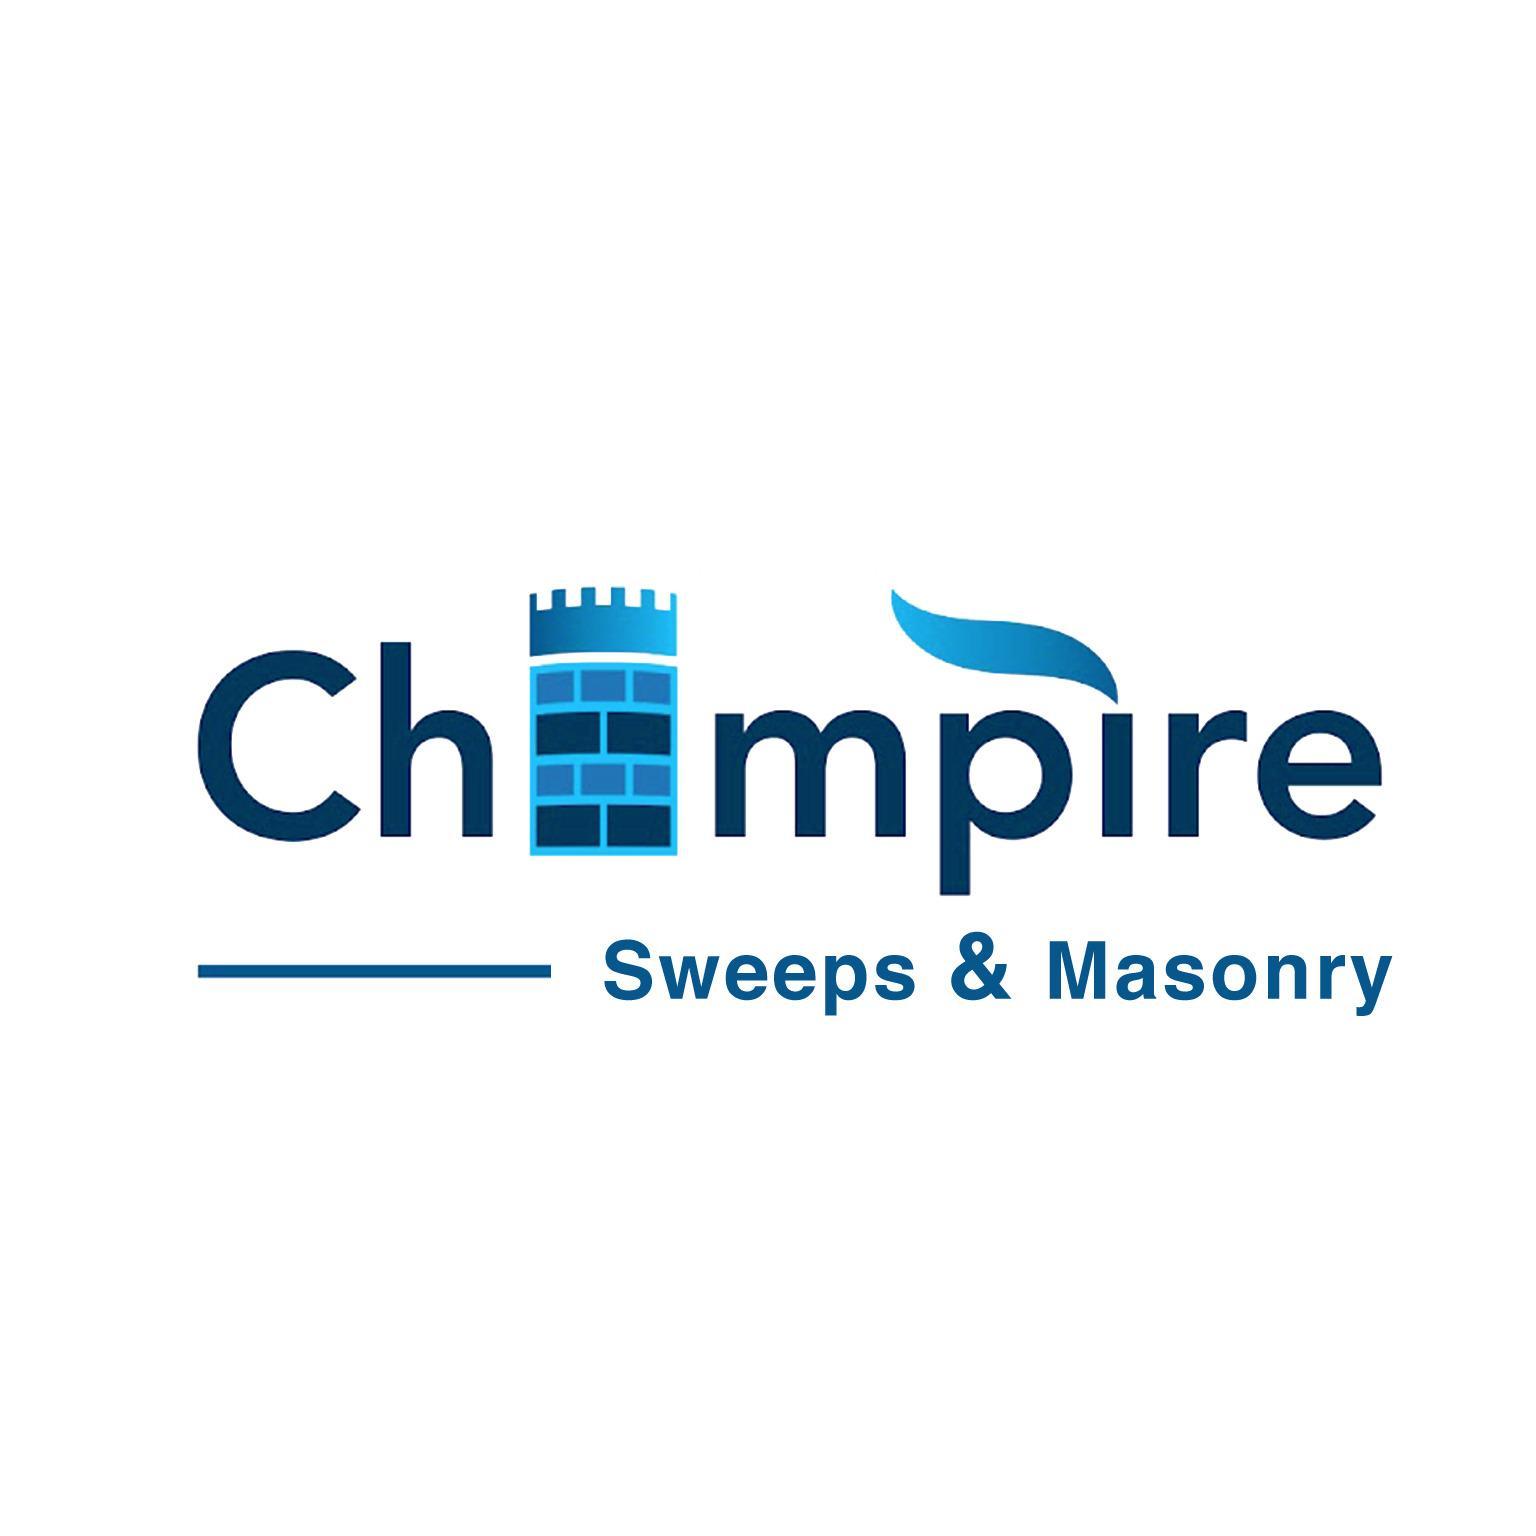 Chimpire Sweeps & Masonry - North Wales